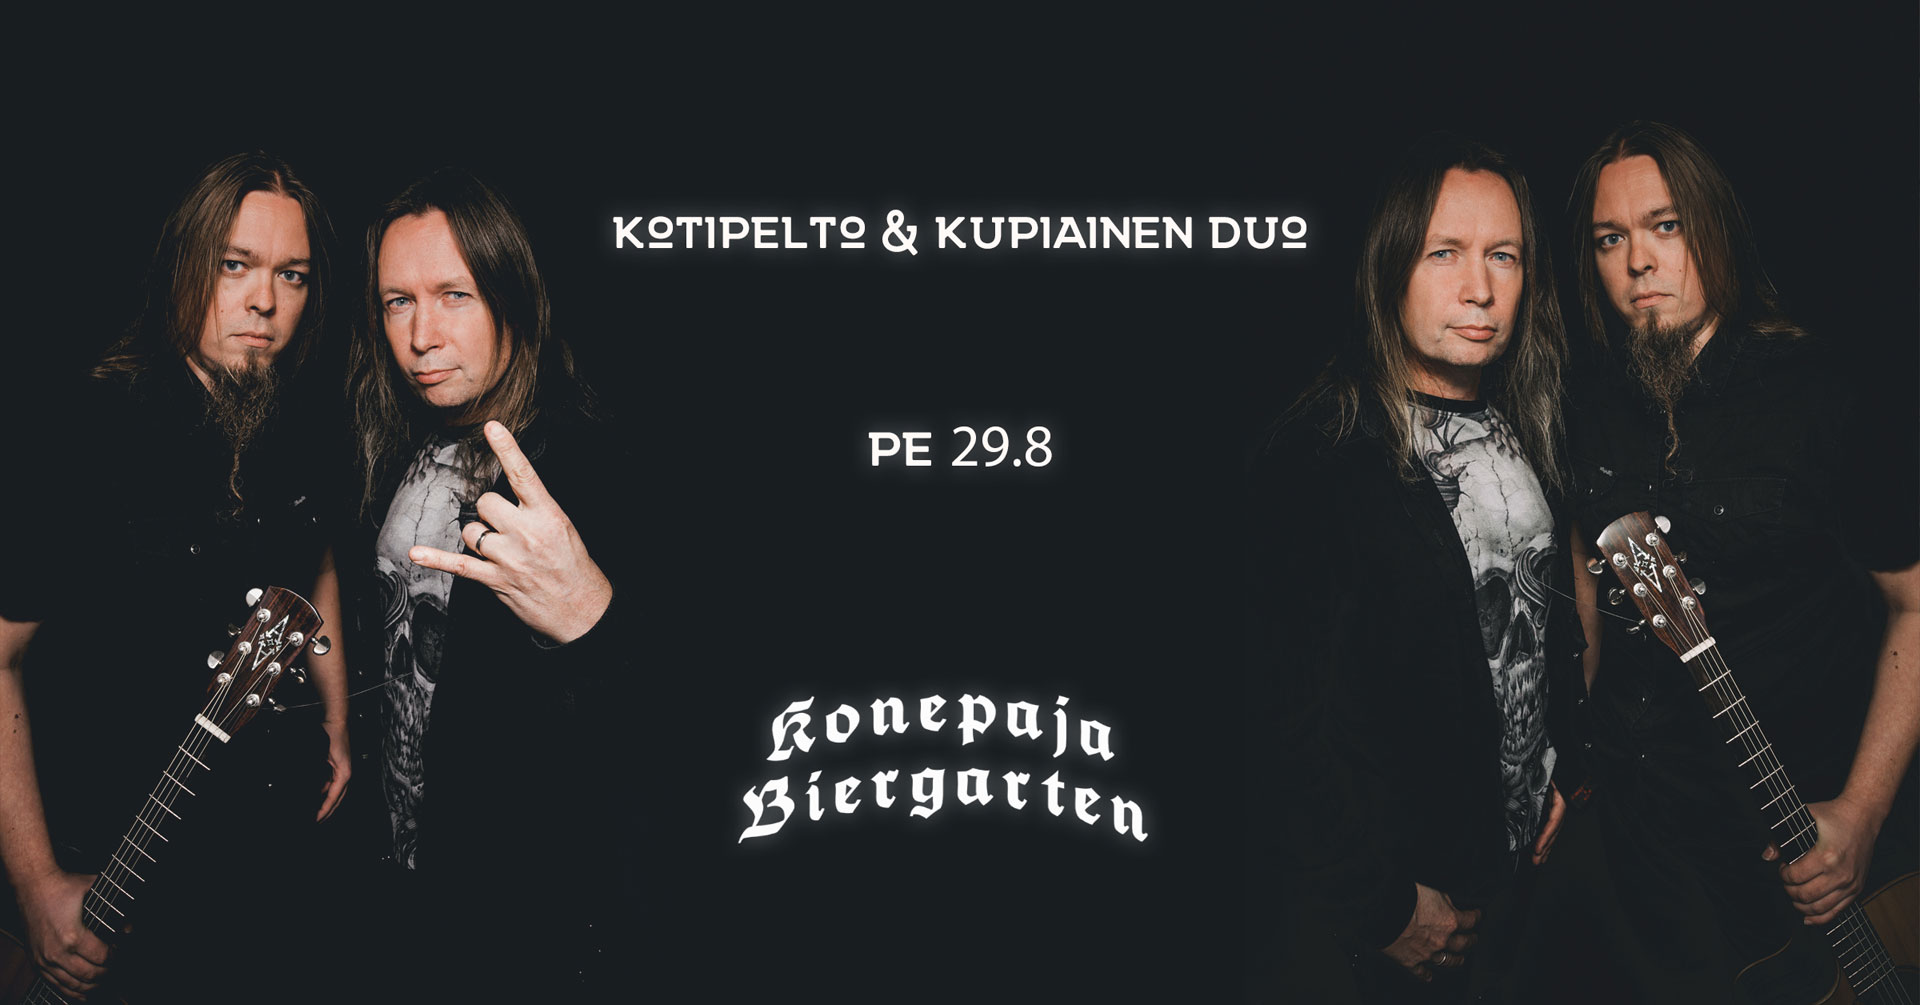 Link to event Kotipelto & Kupiainen Duo